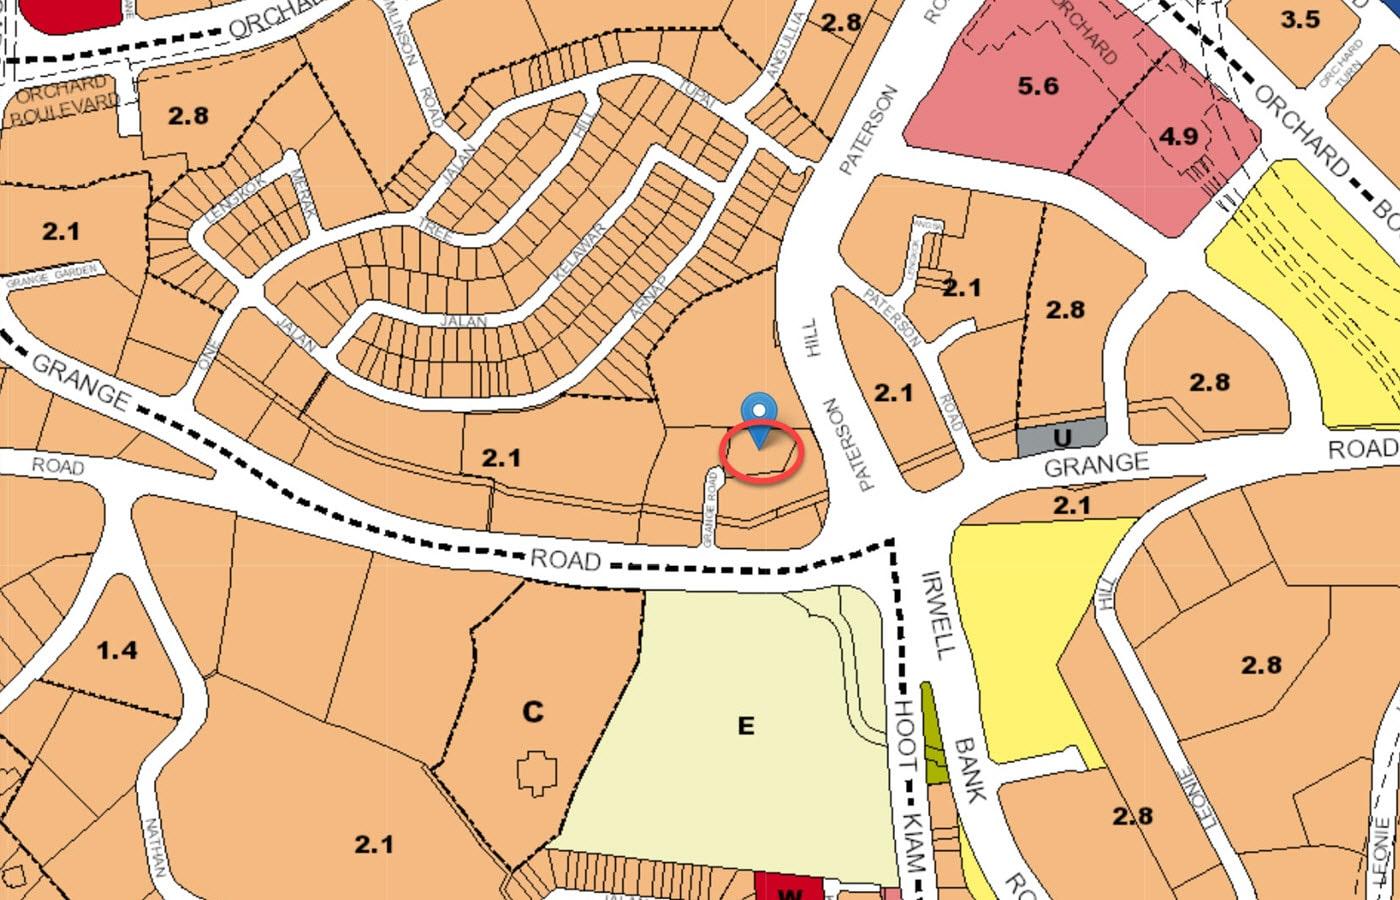 Grange 1866 - URA Master Plan Map